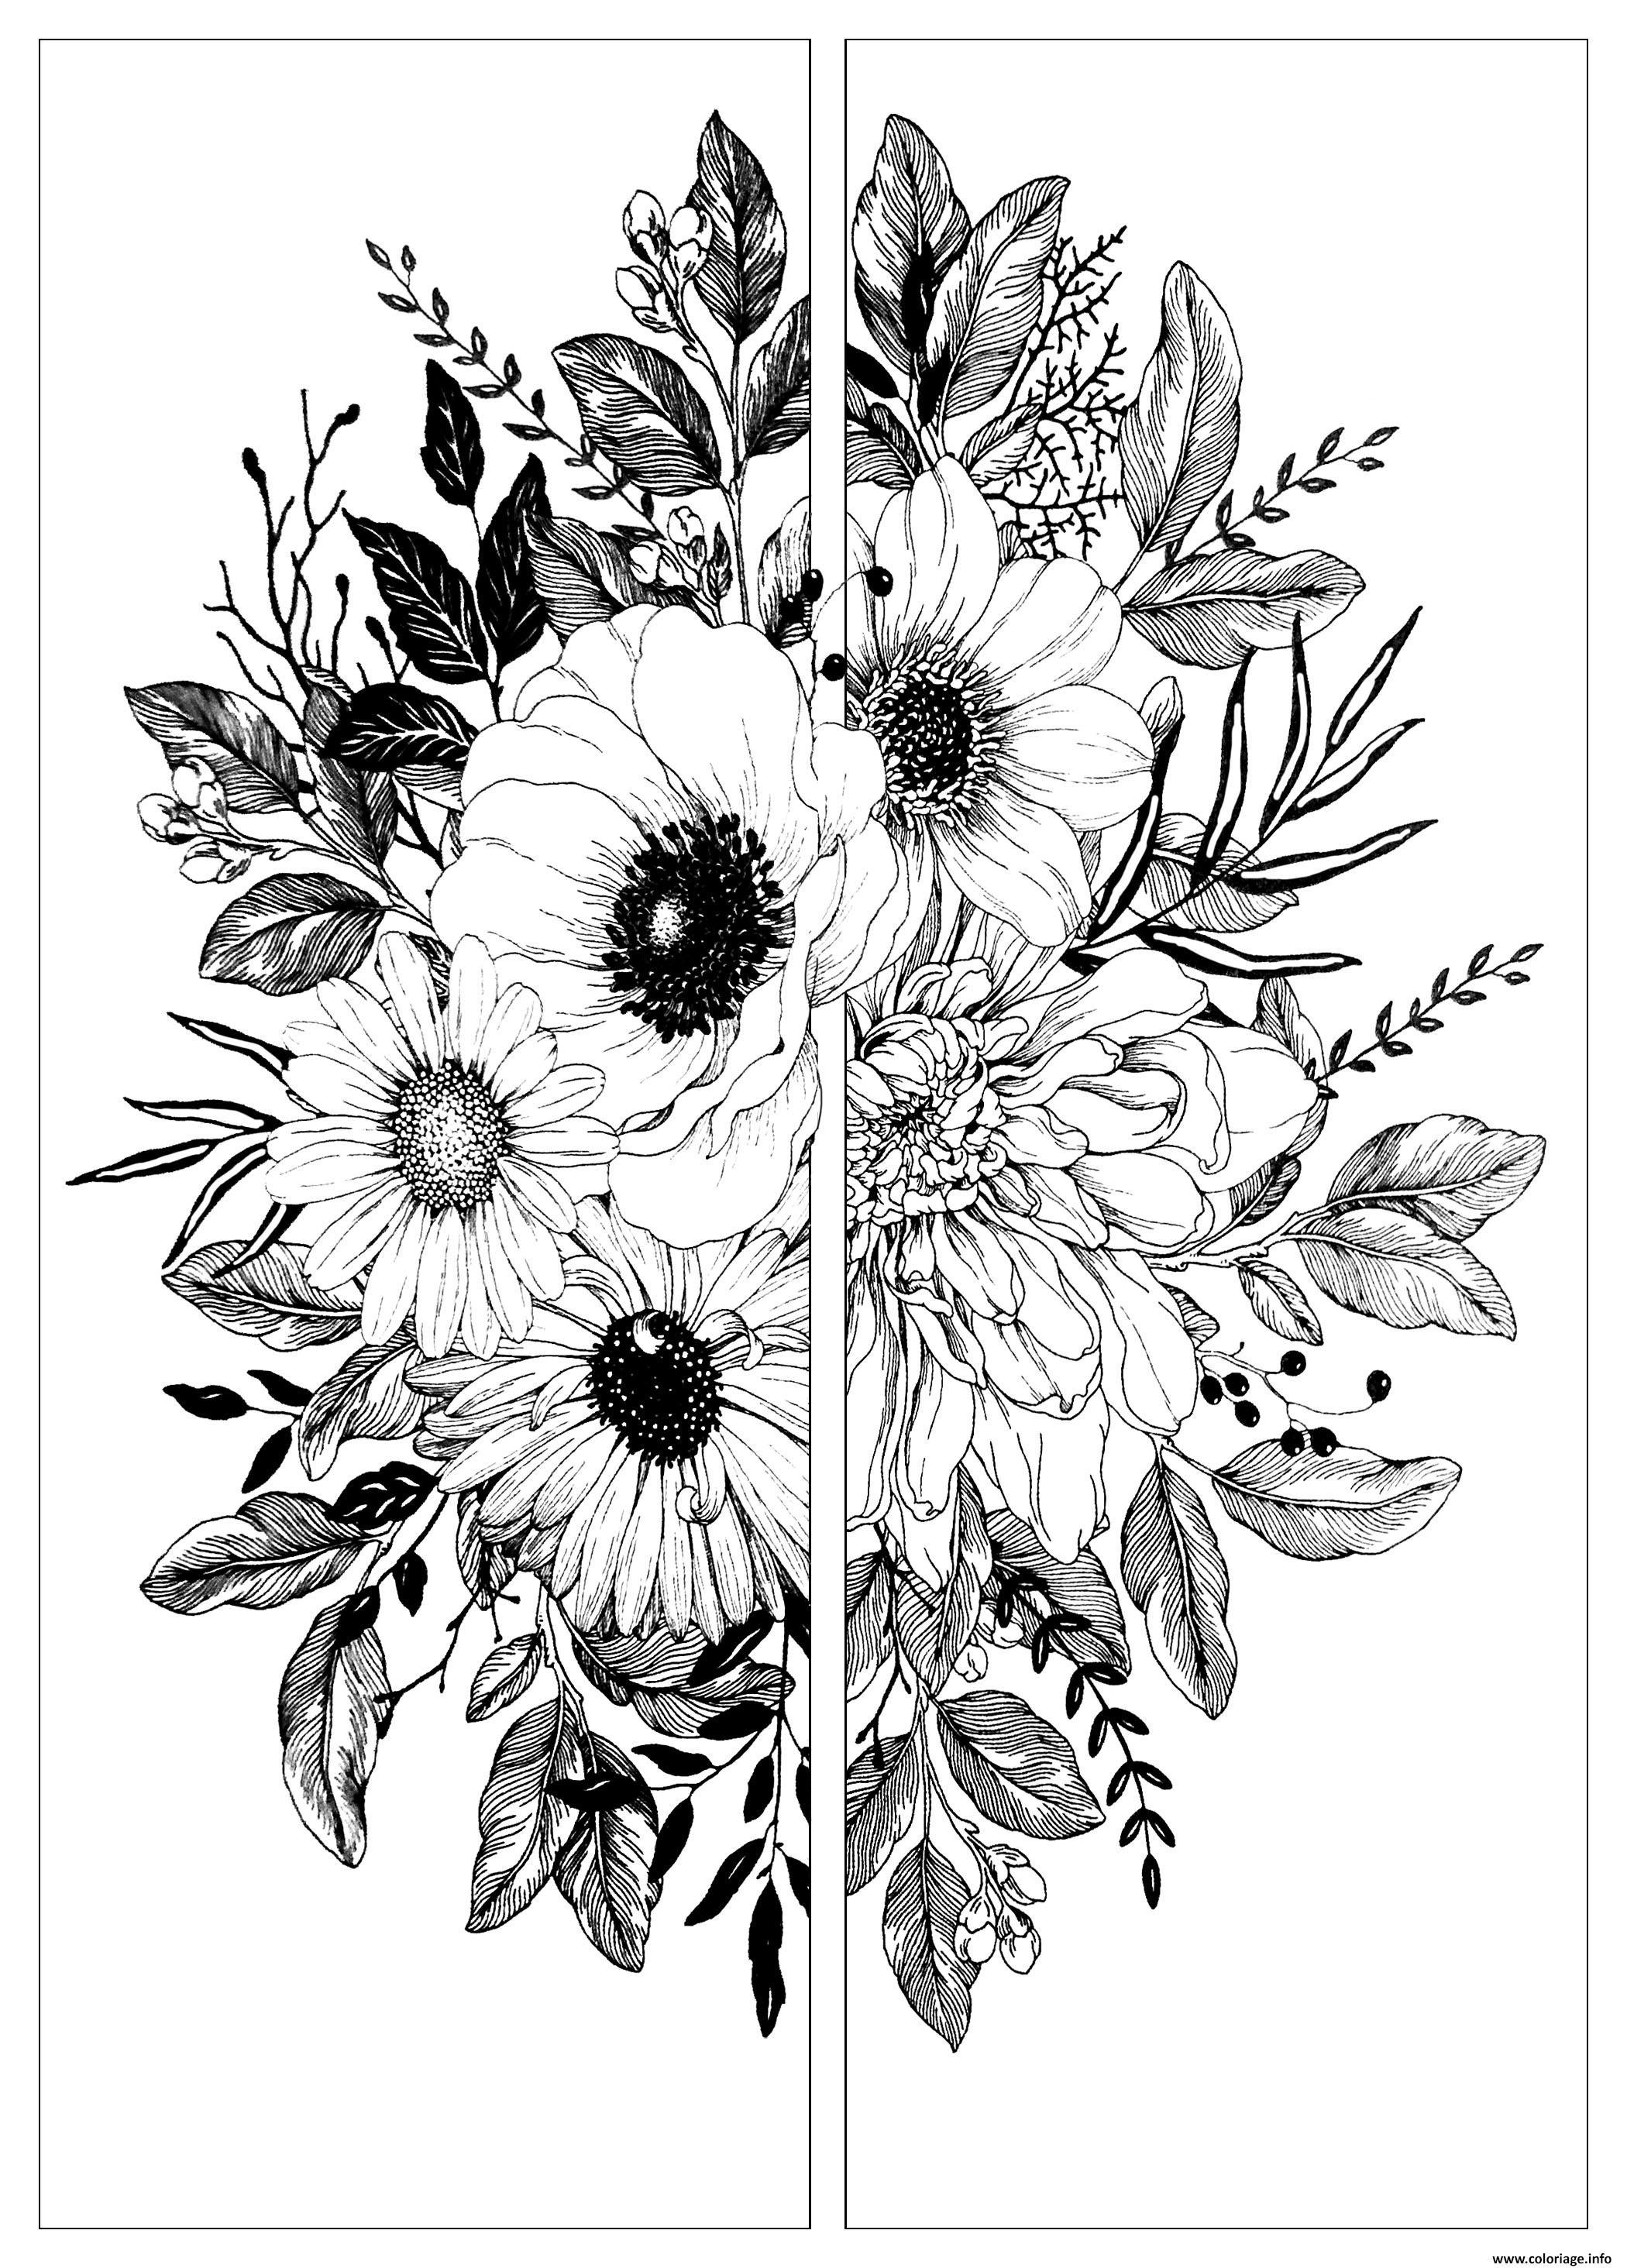 Dessin fleurs deux parties Coloriage Gratuit à Imprimer